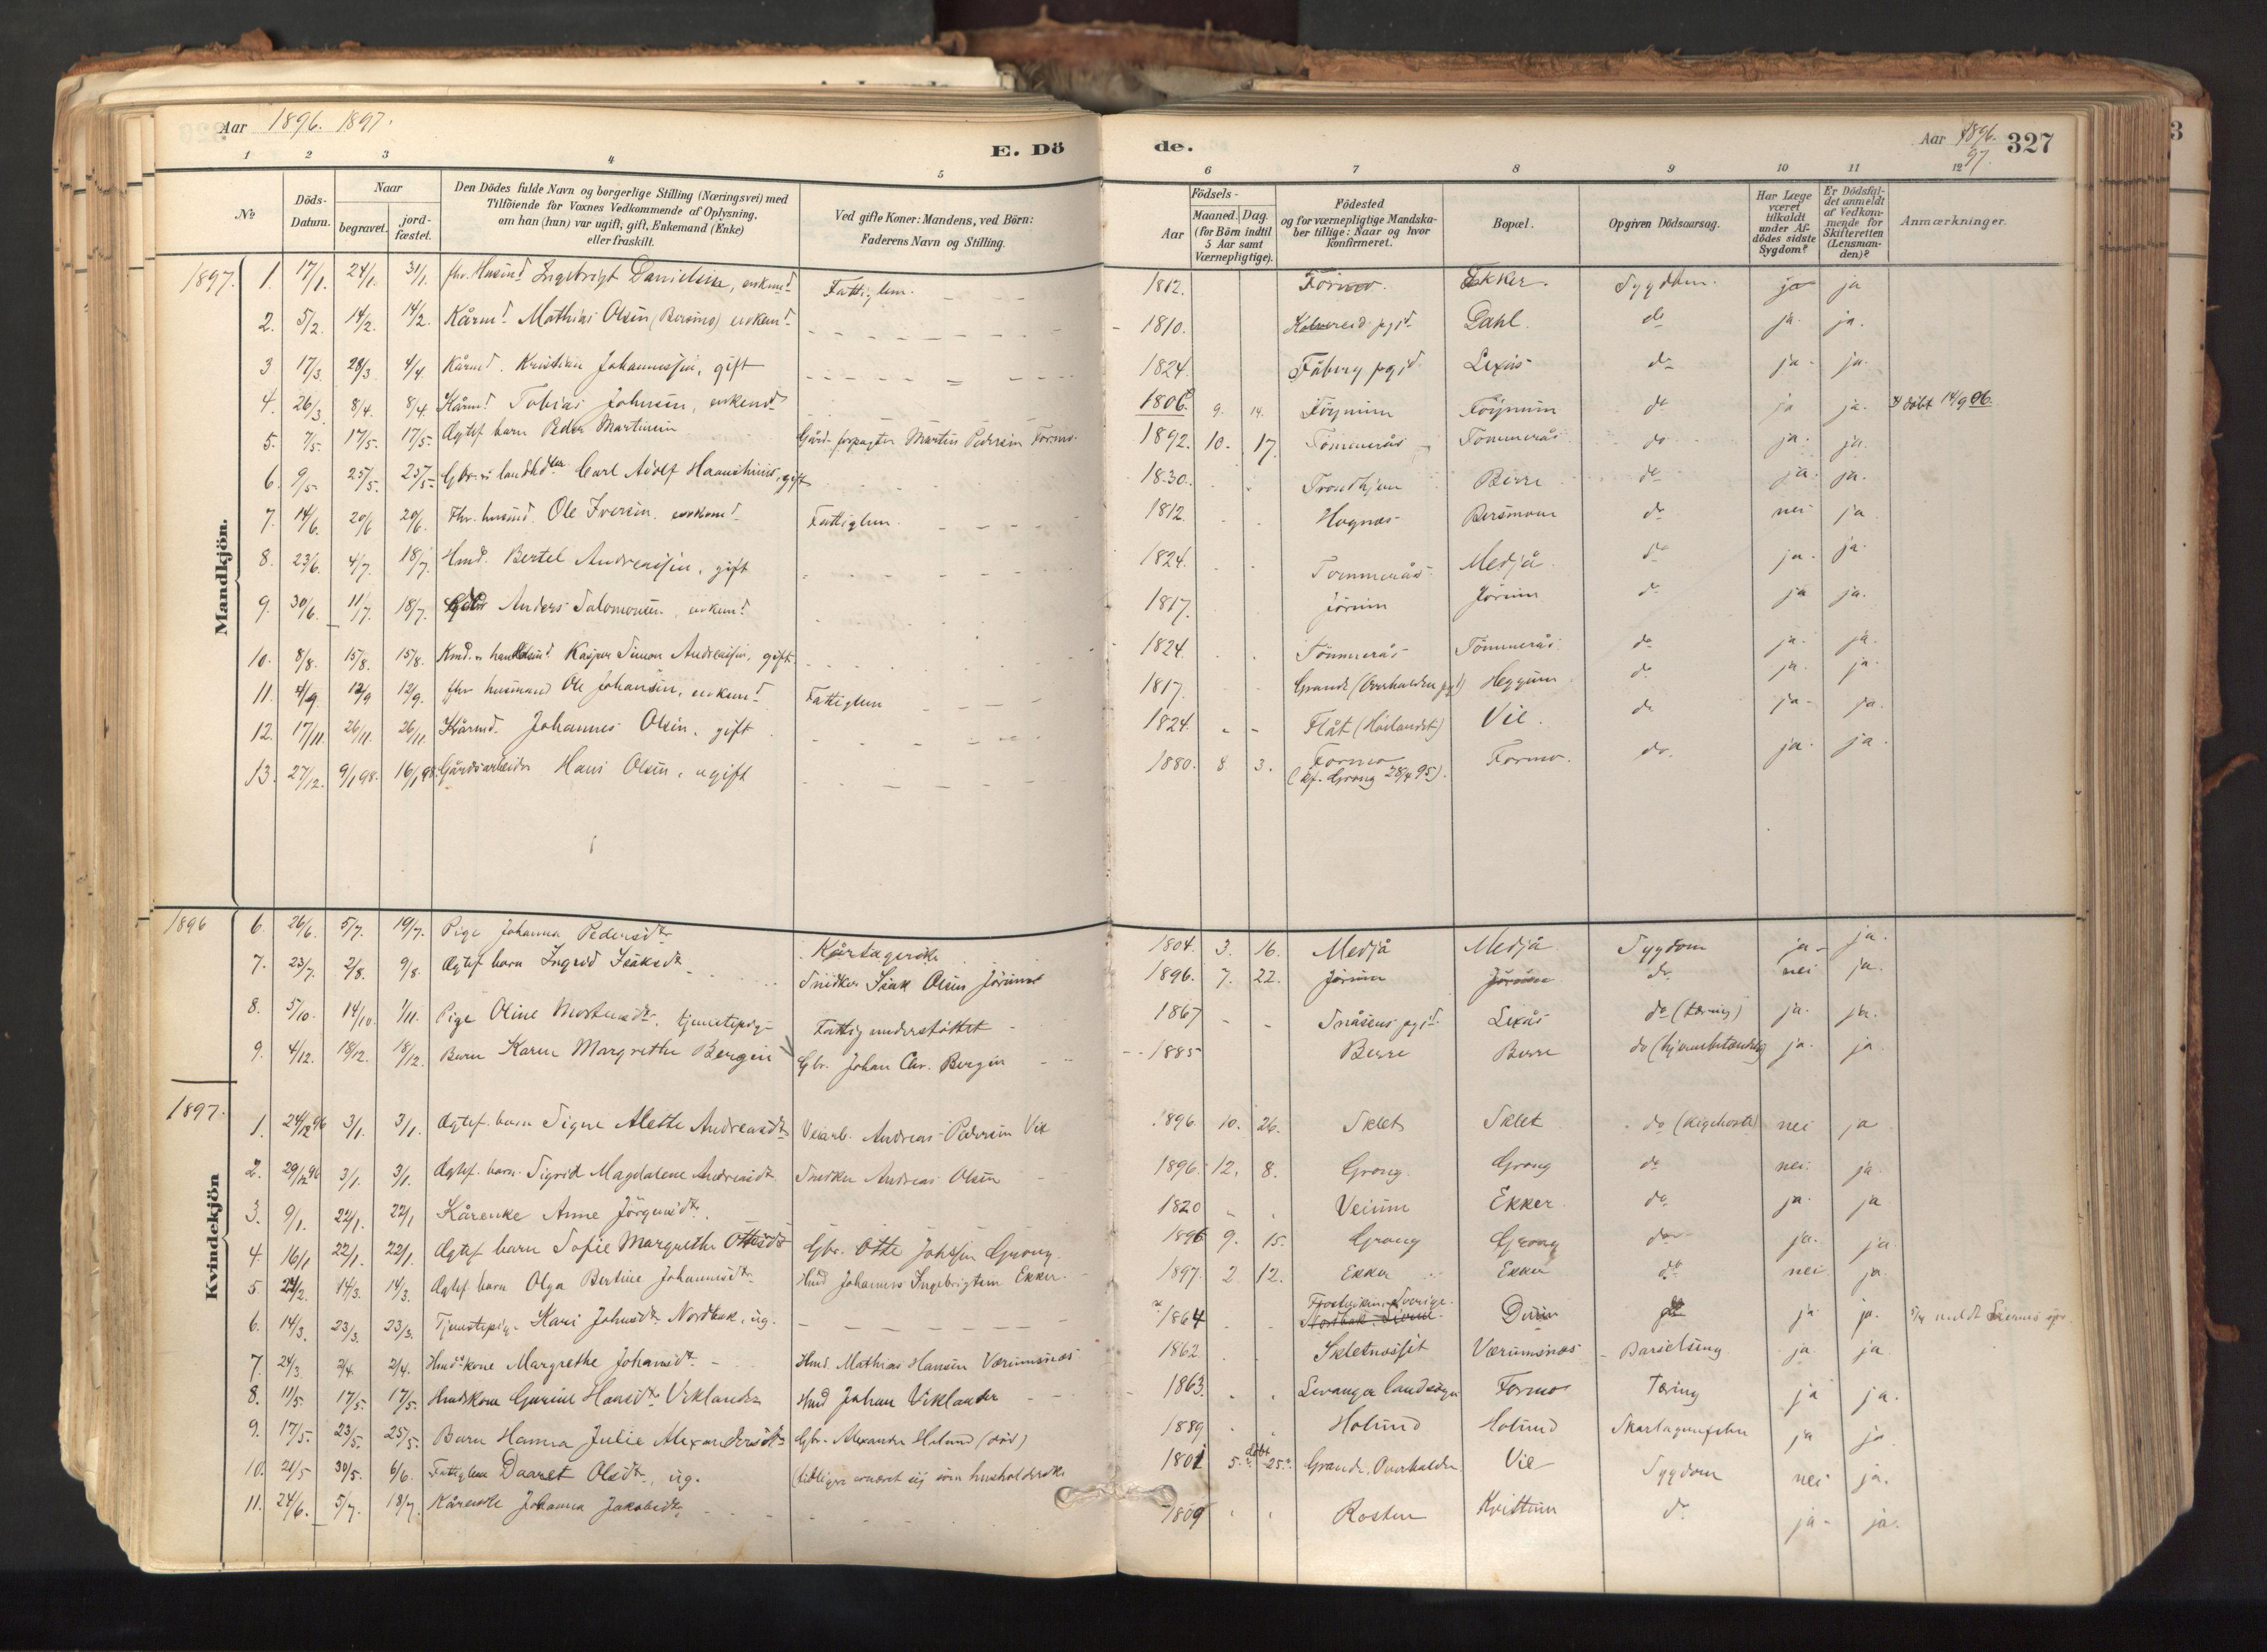 SAT, Ministerialprotokoller, klokkerbøker og fødselsregistre - Nord-Trøndelag, 758/L0519: Ministerialbok nr. 758A04, 1880-1926, s. 327